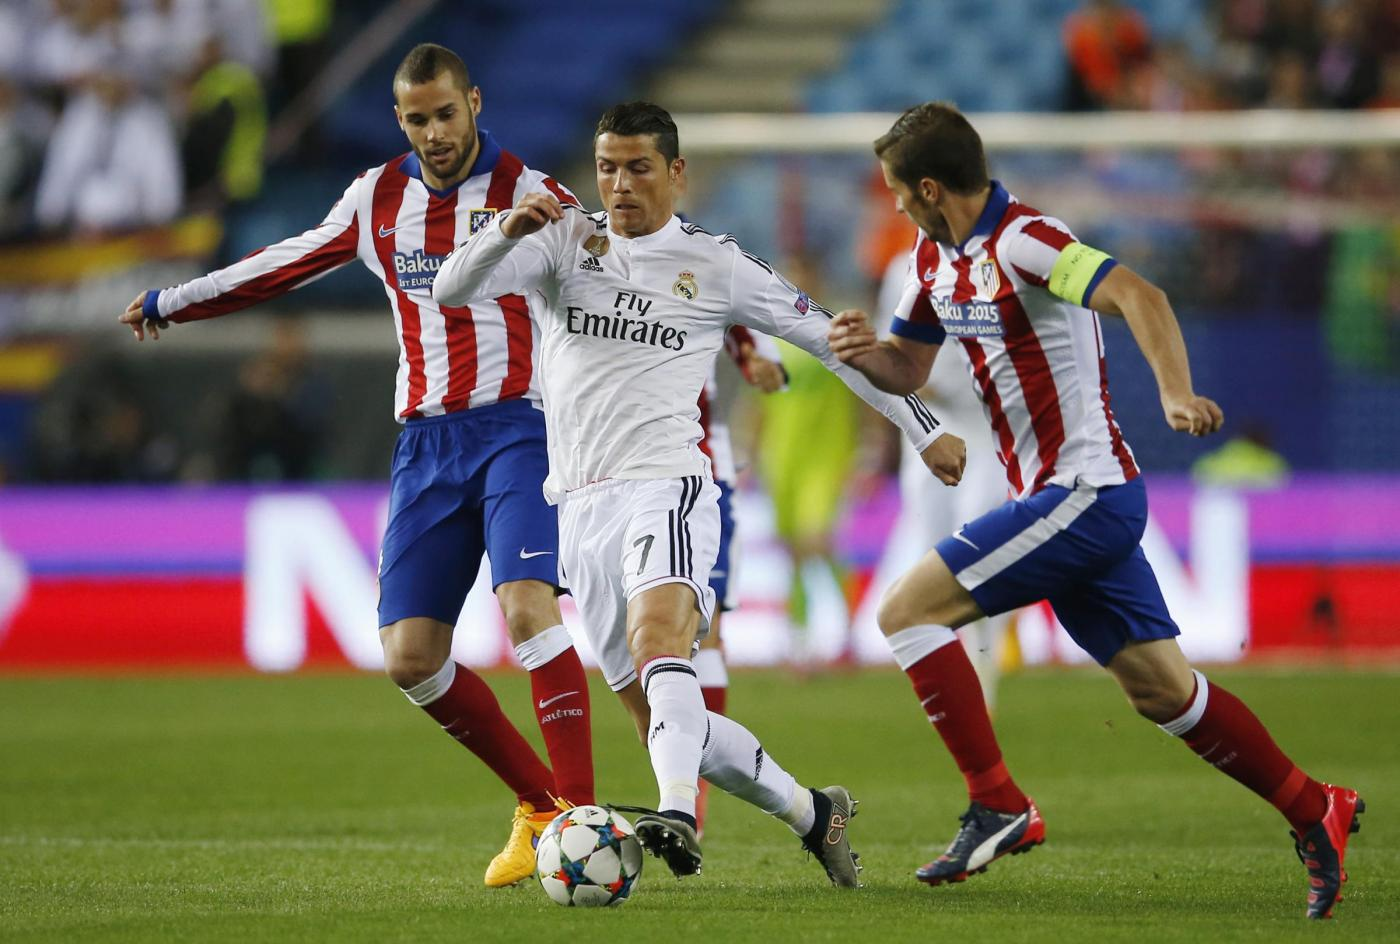 Real Madrid Vs Atletico Madrid: Atletico Madrid Vs. Real Madrid